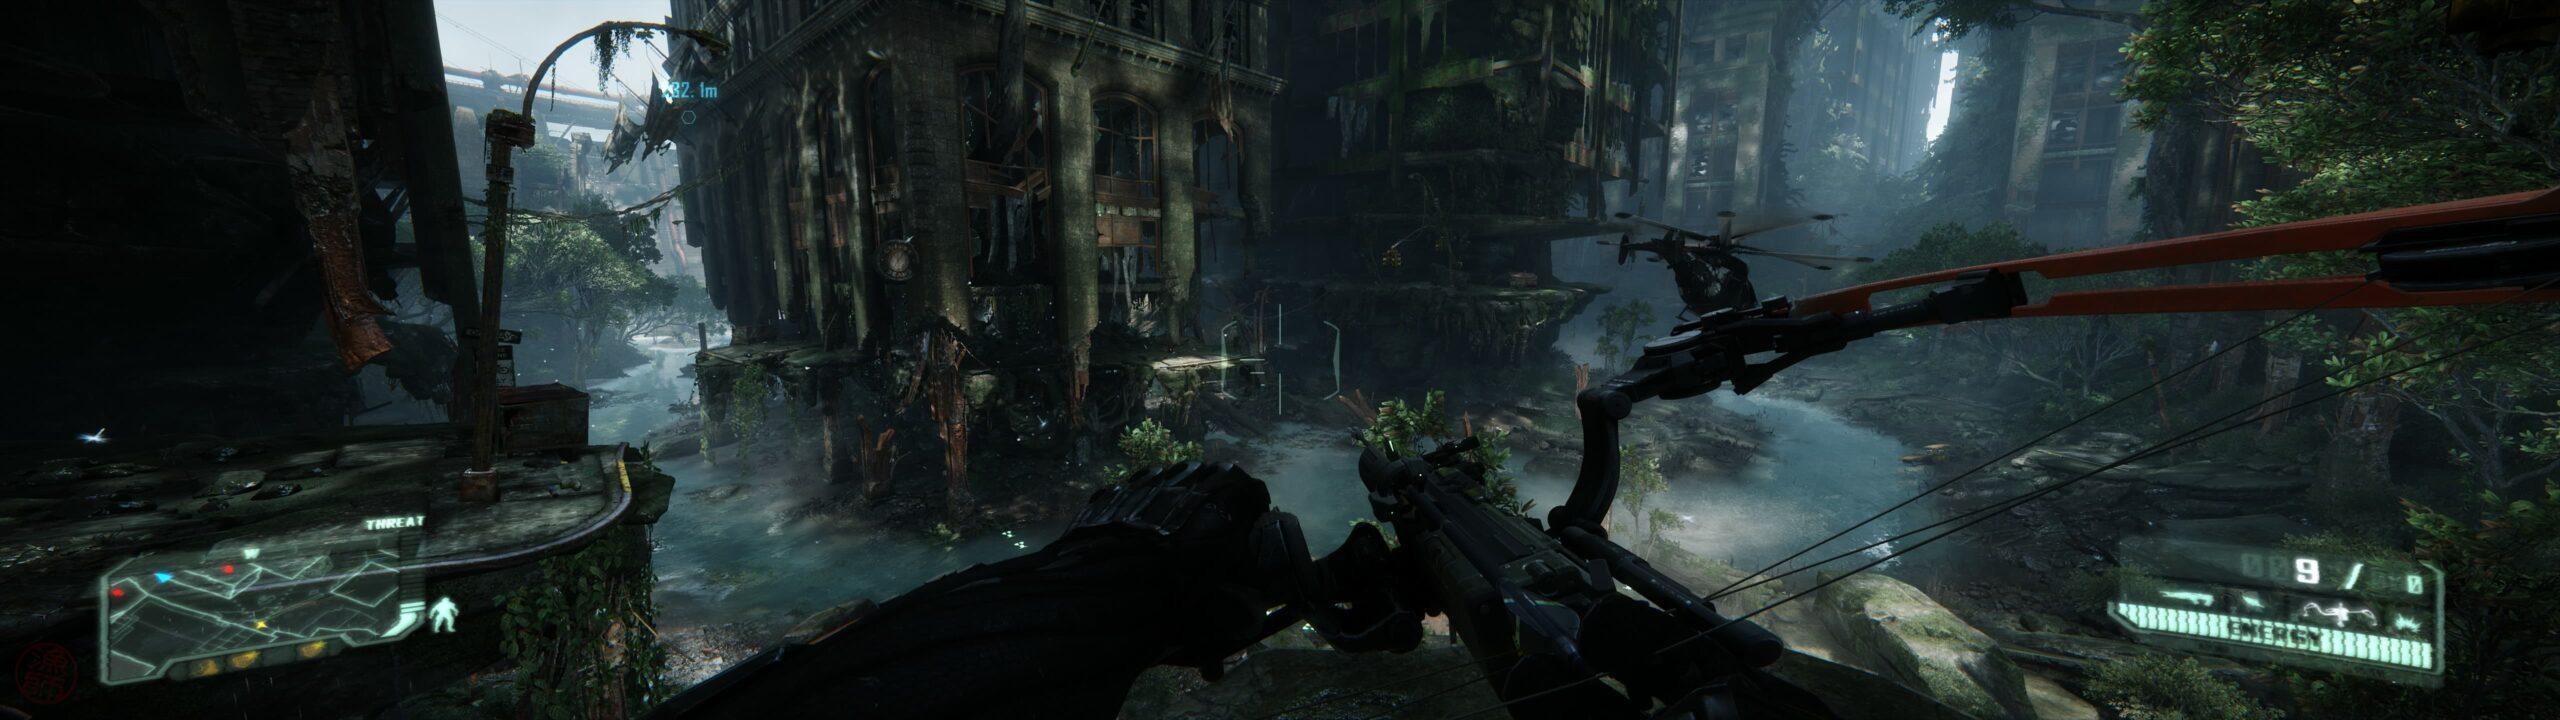 Crysis 3 (3)